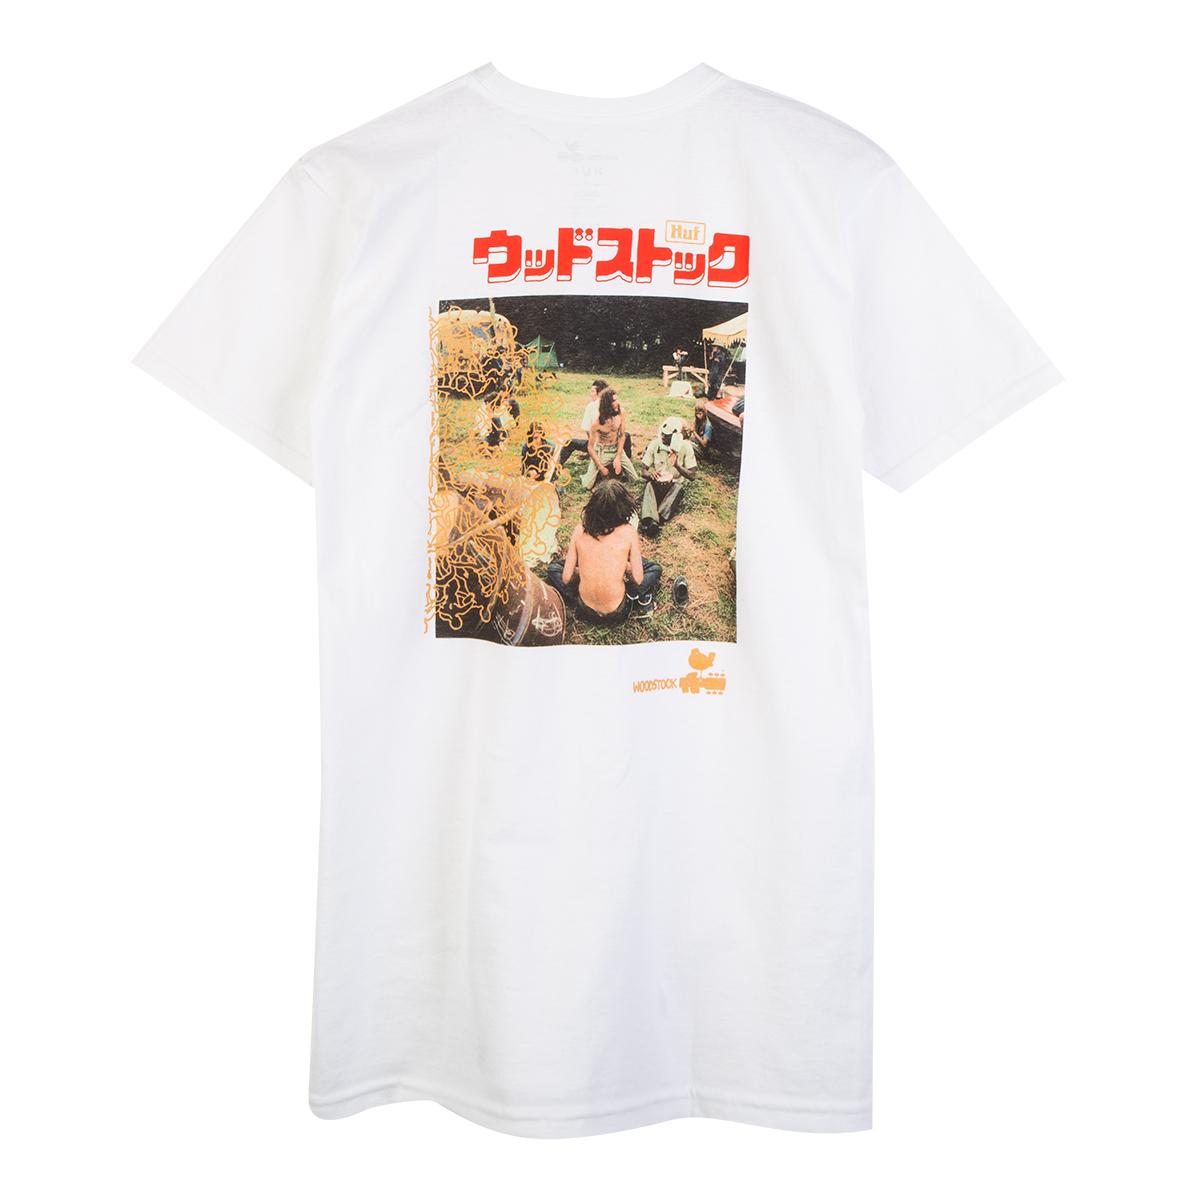 Woodstock x HUF WW Culture T-shirt